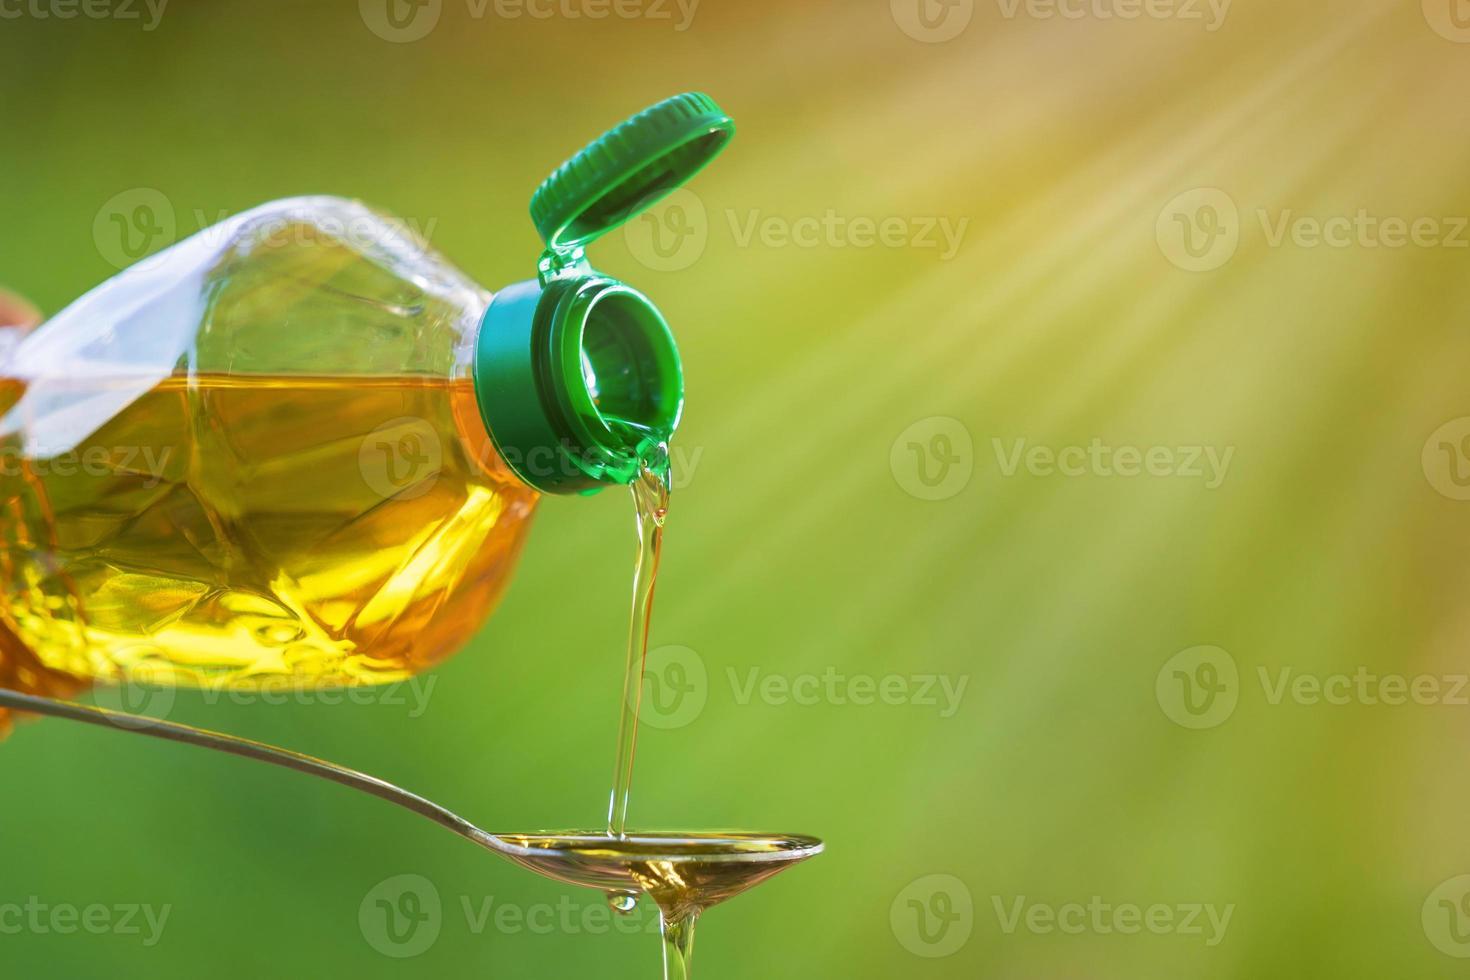 mão derramando óleo vegetal da garrafa para a colher foto